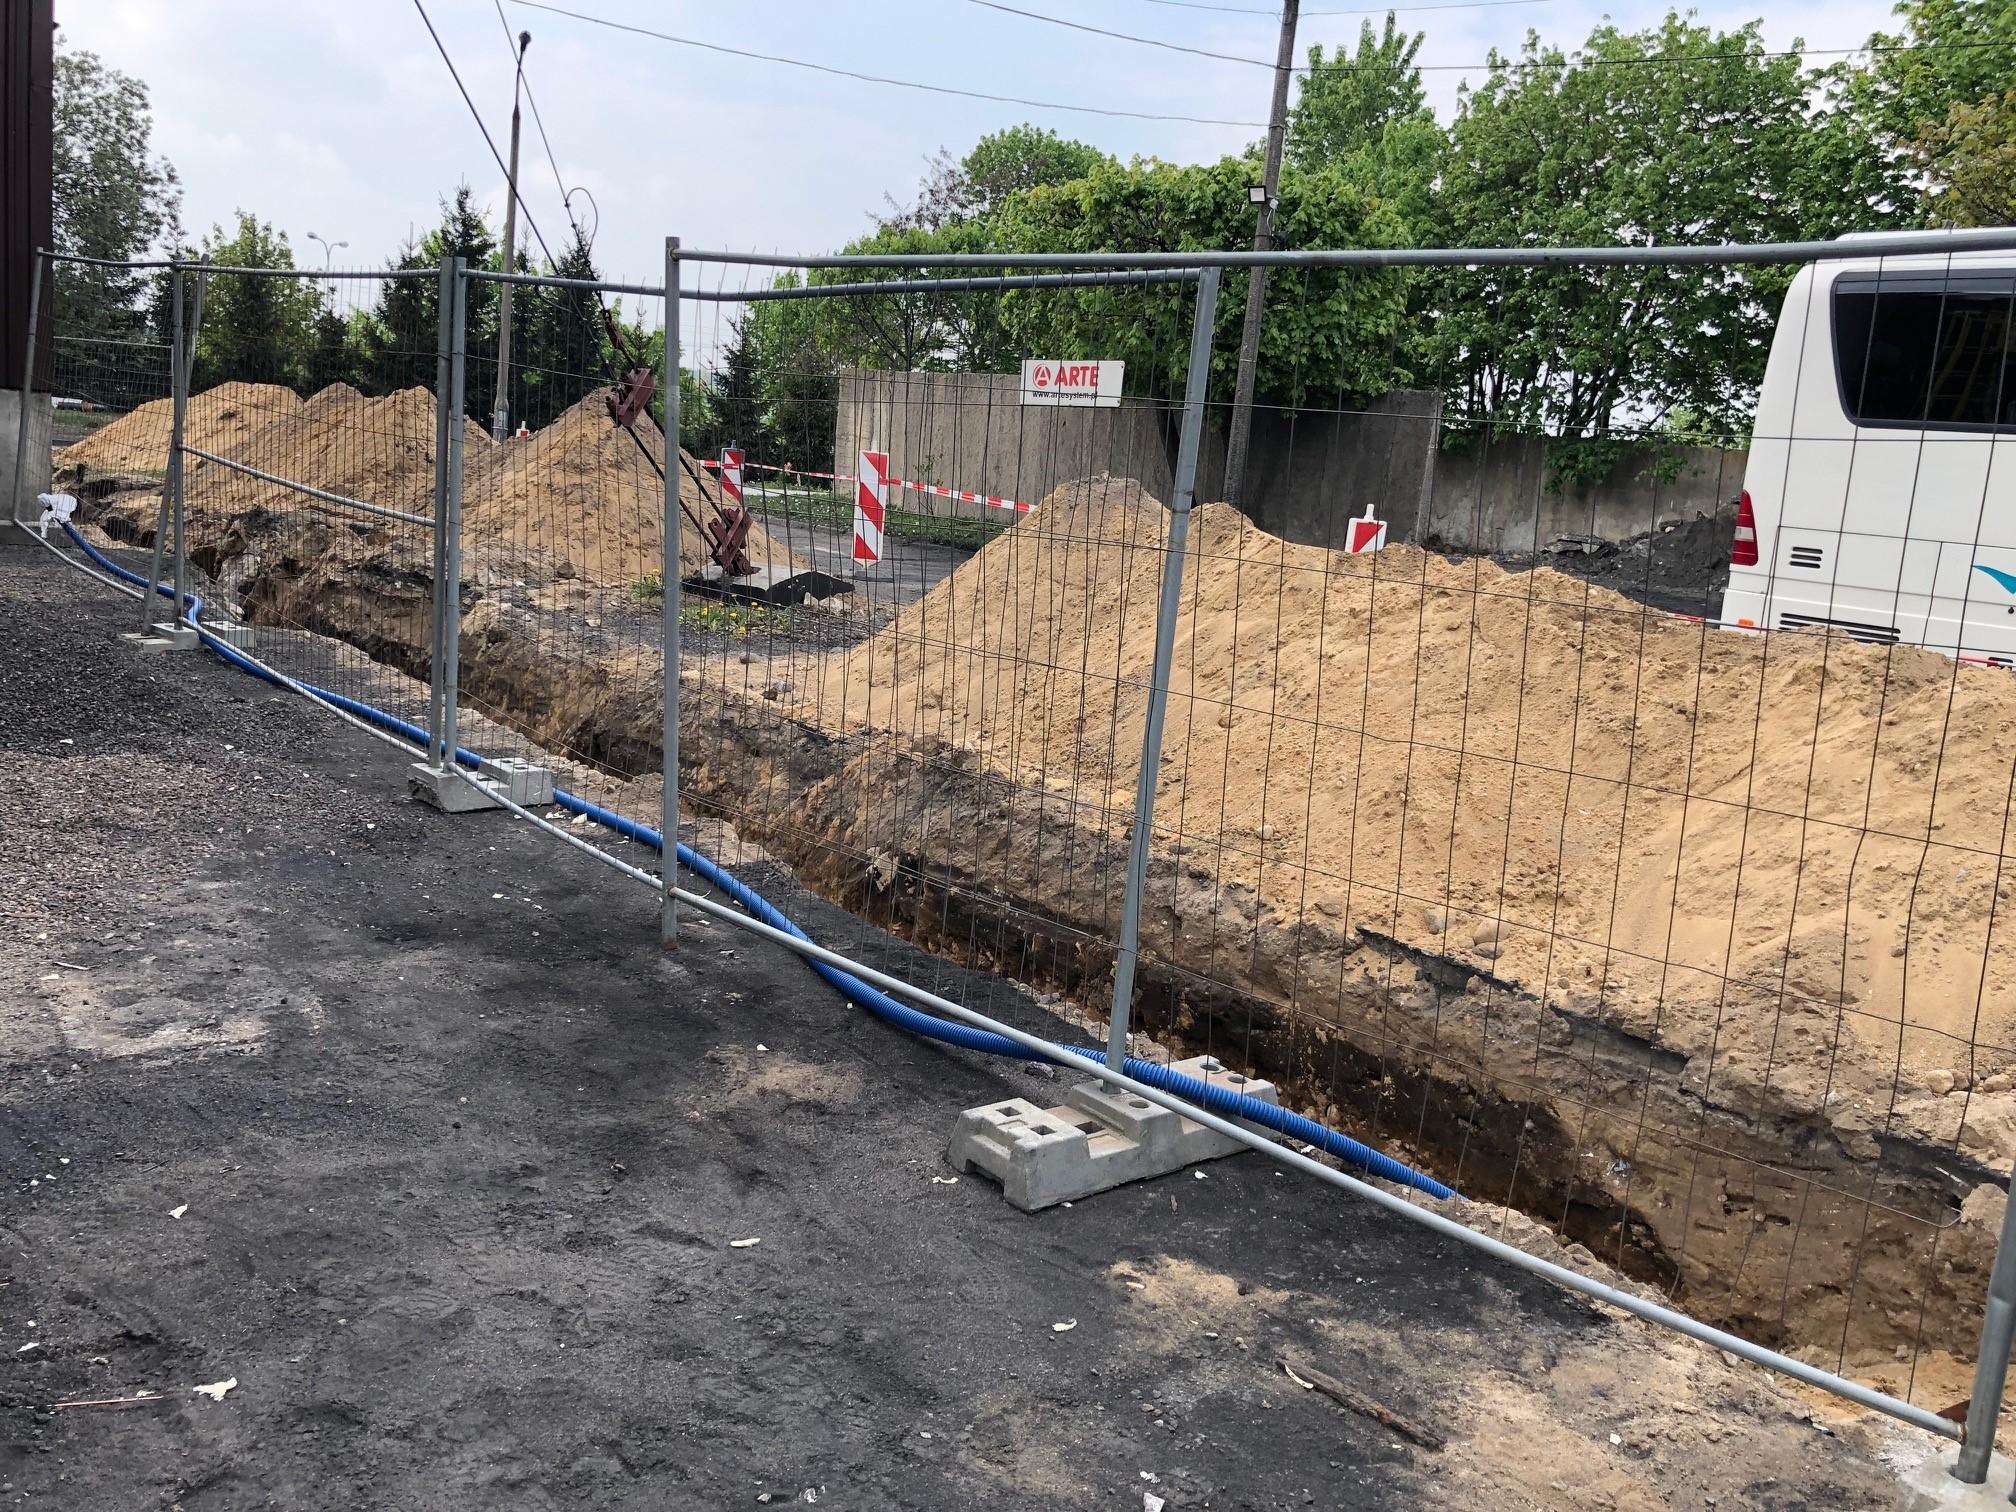 Plac budowy w Działdowie. Fot. BiznesAlert.pl